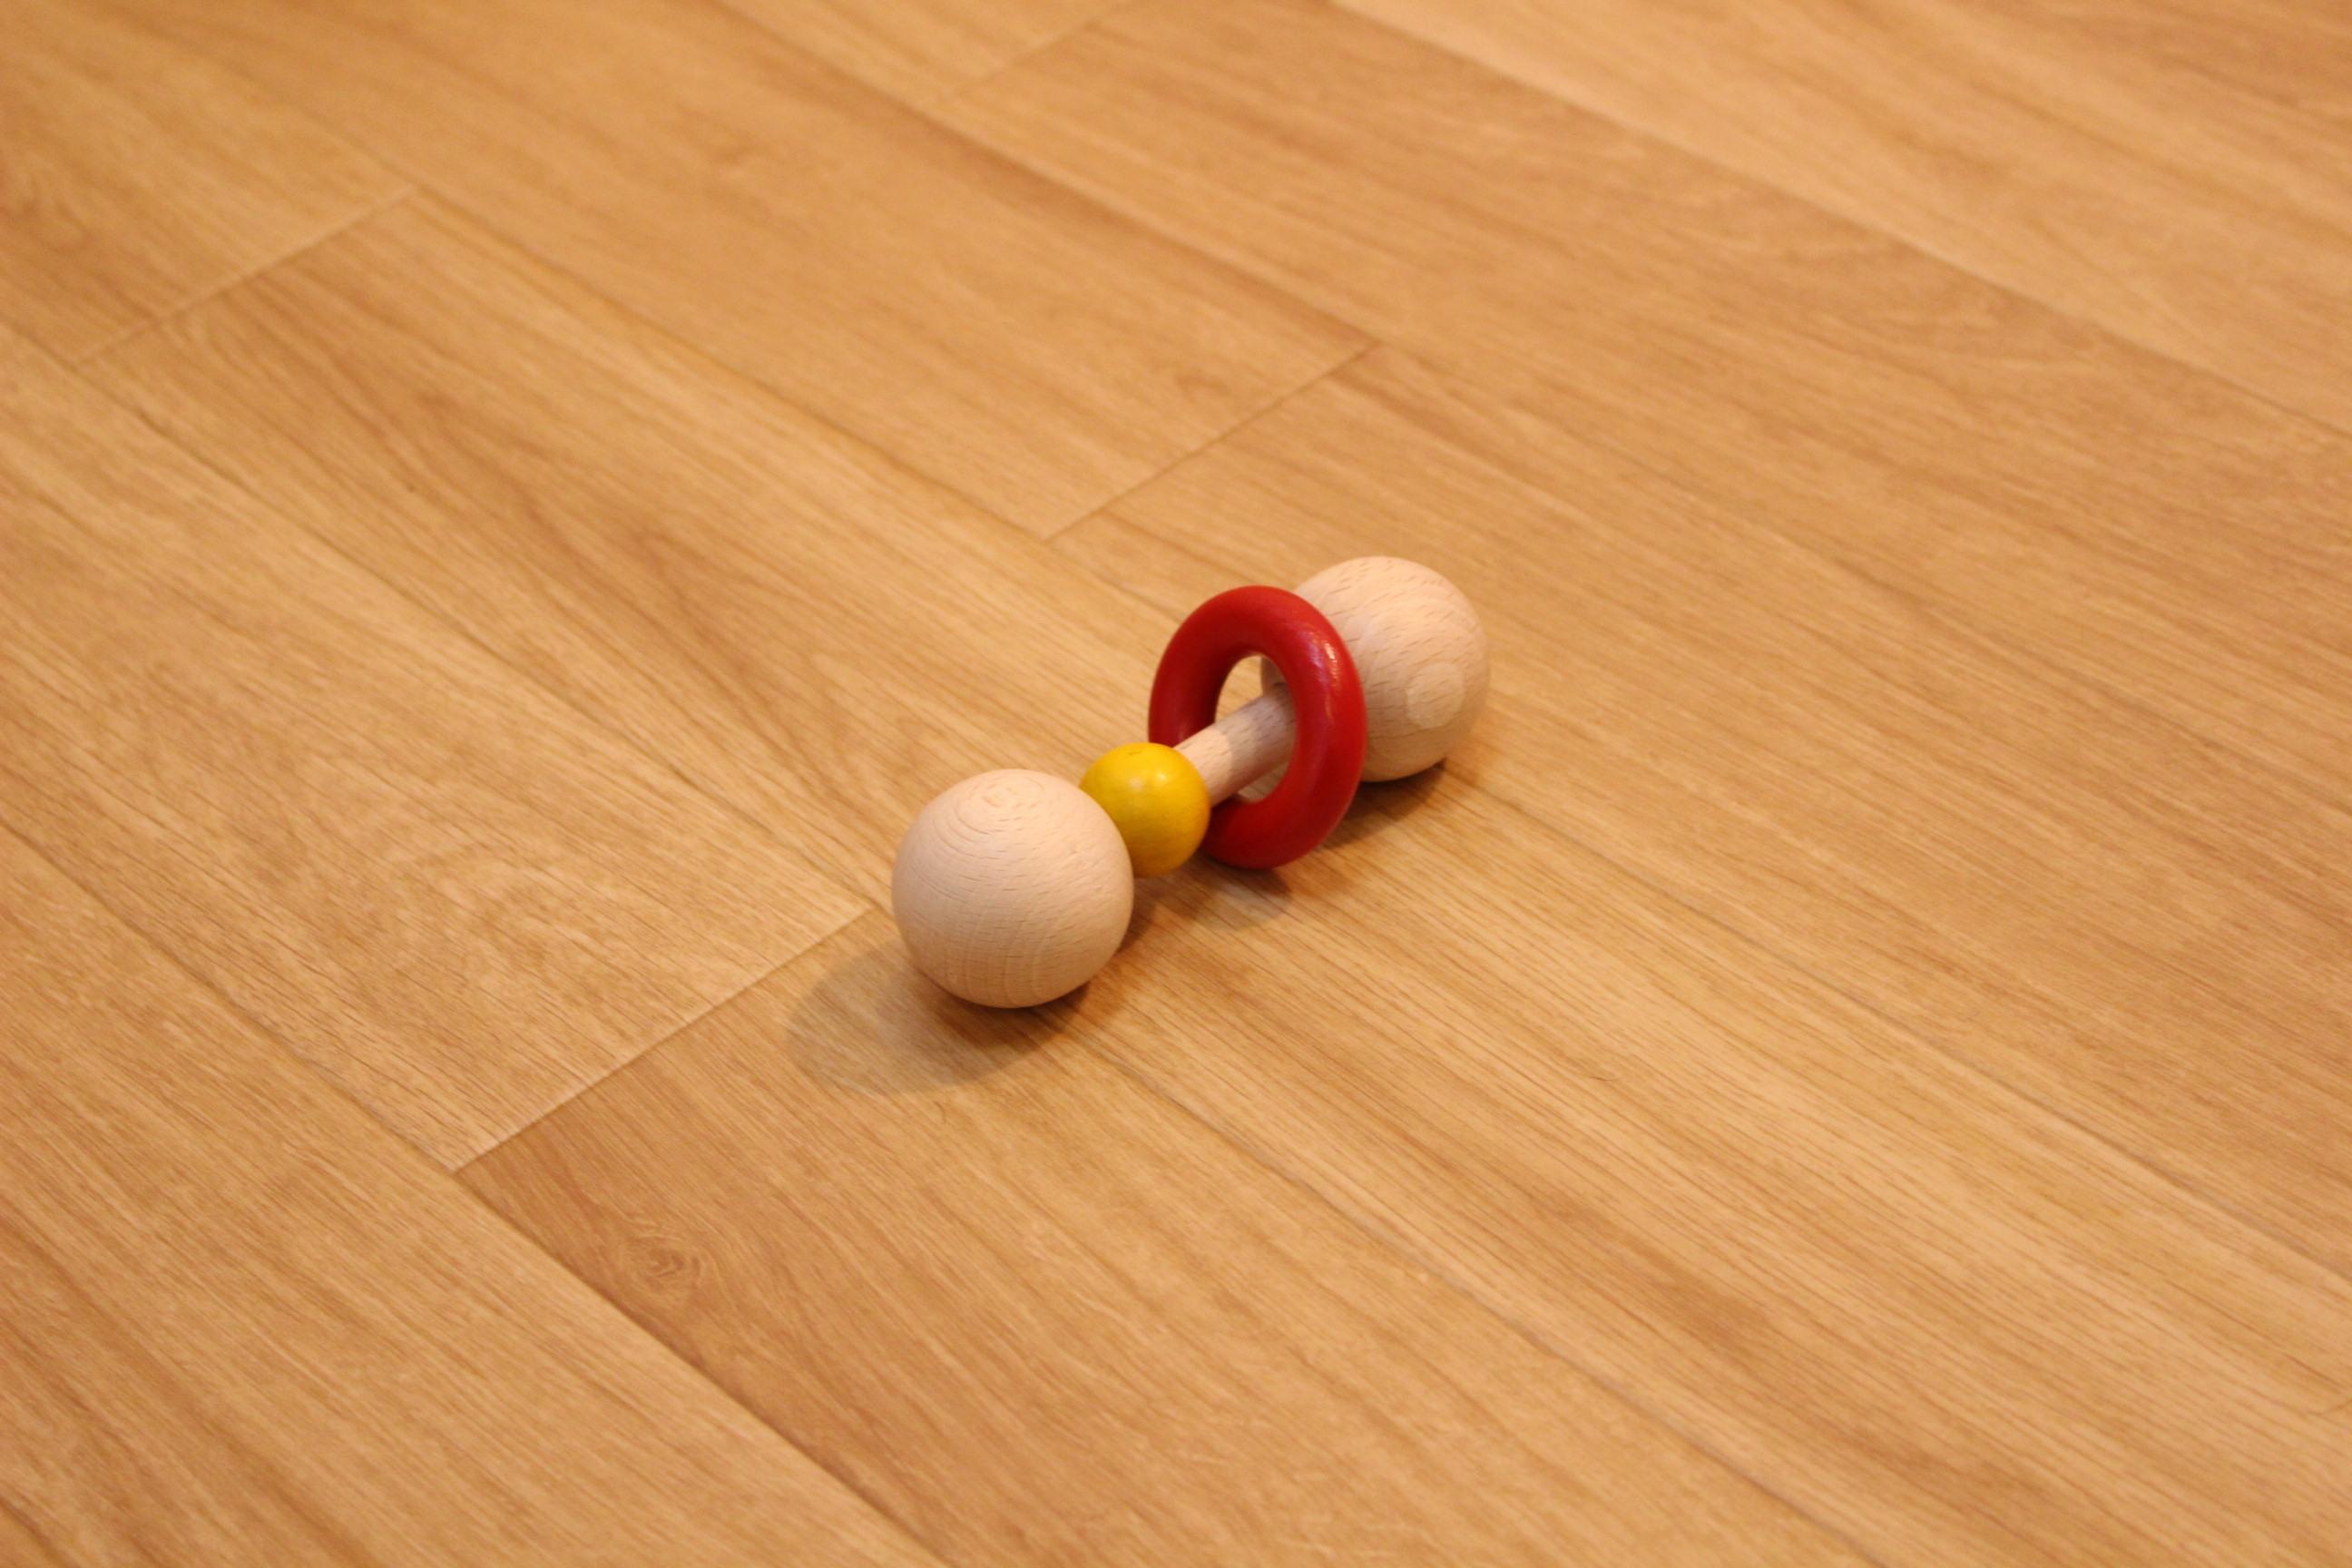 ボール - 画像2